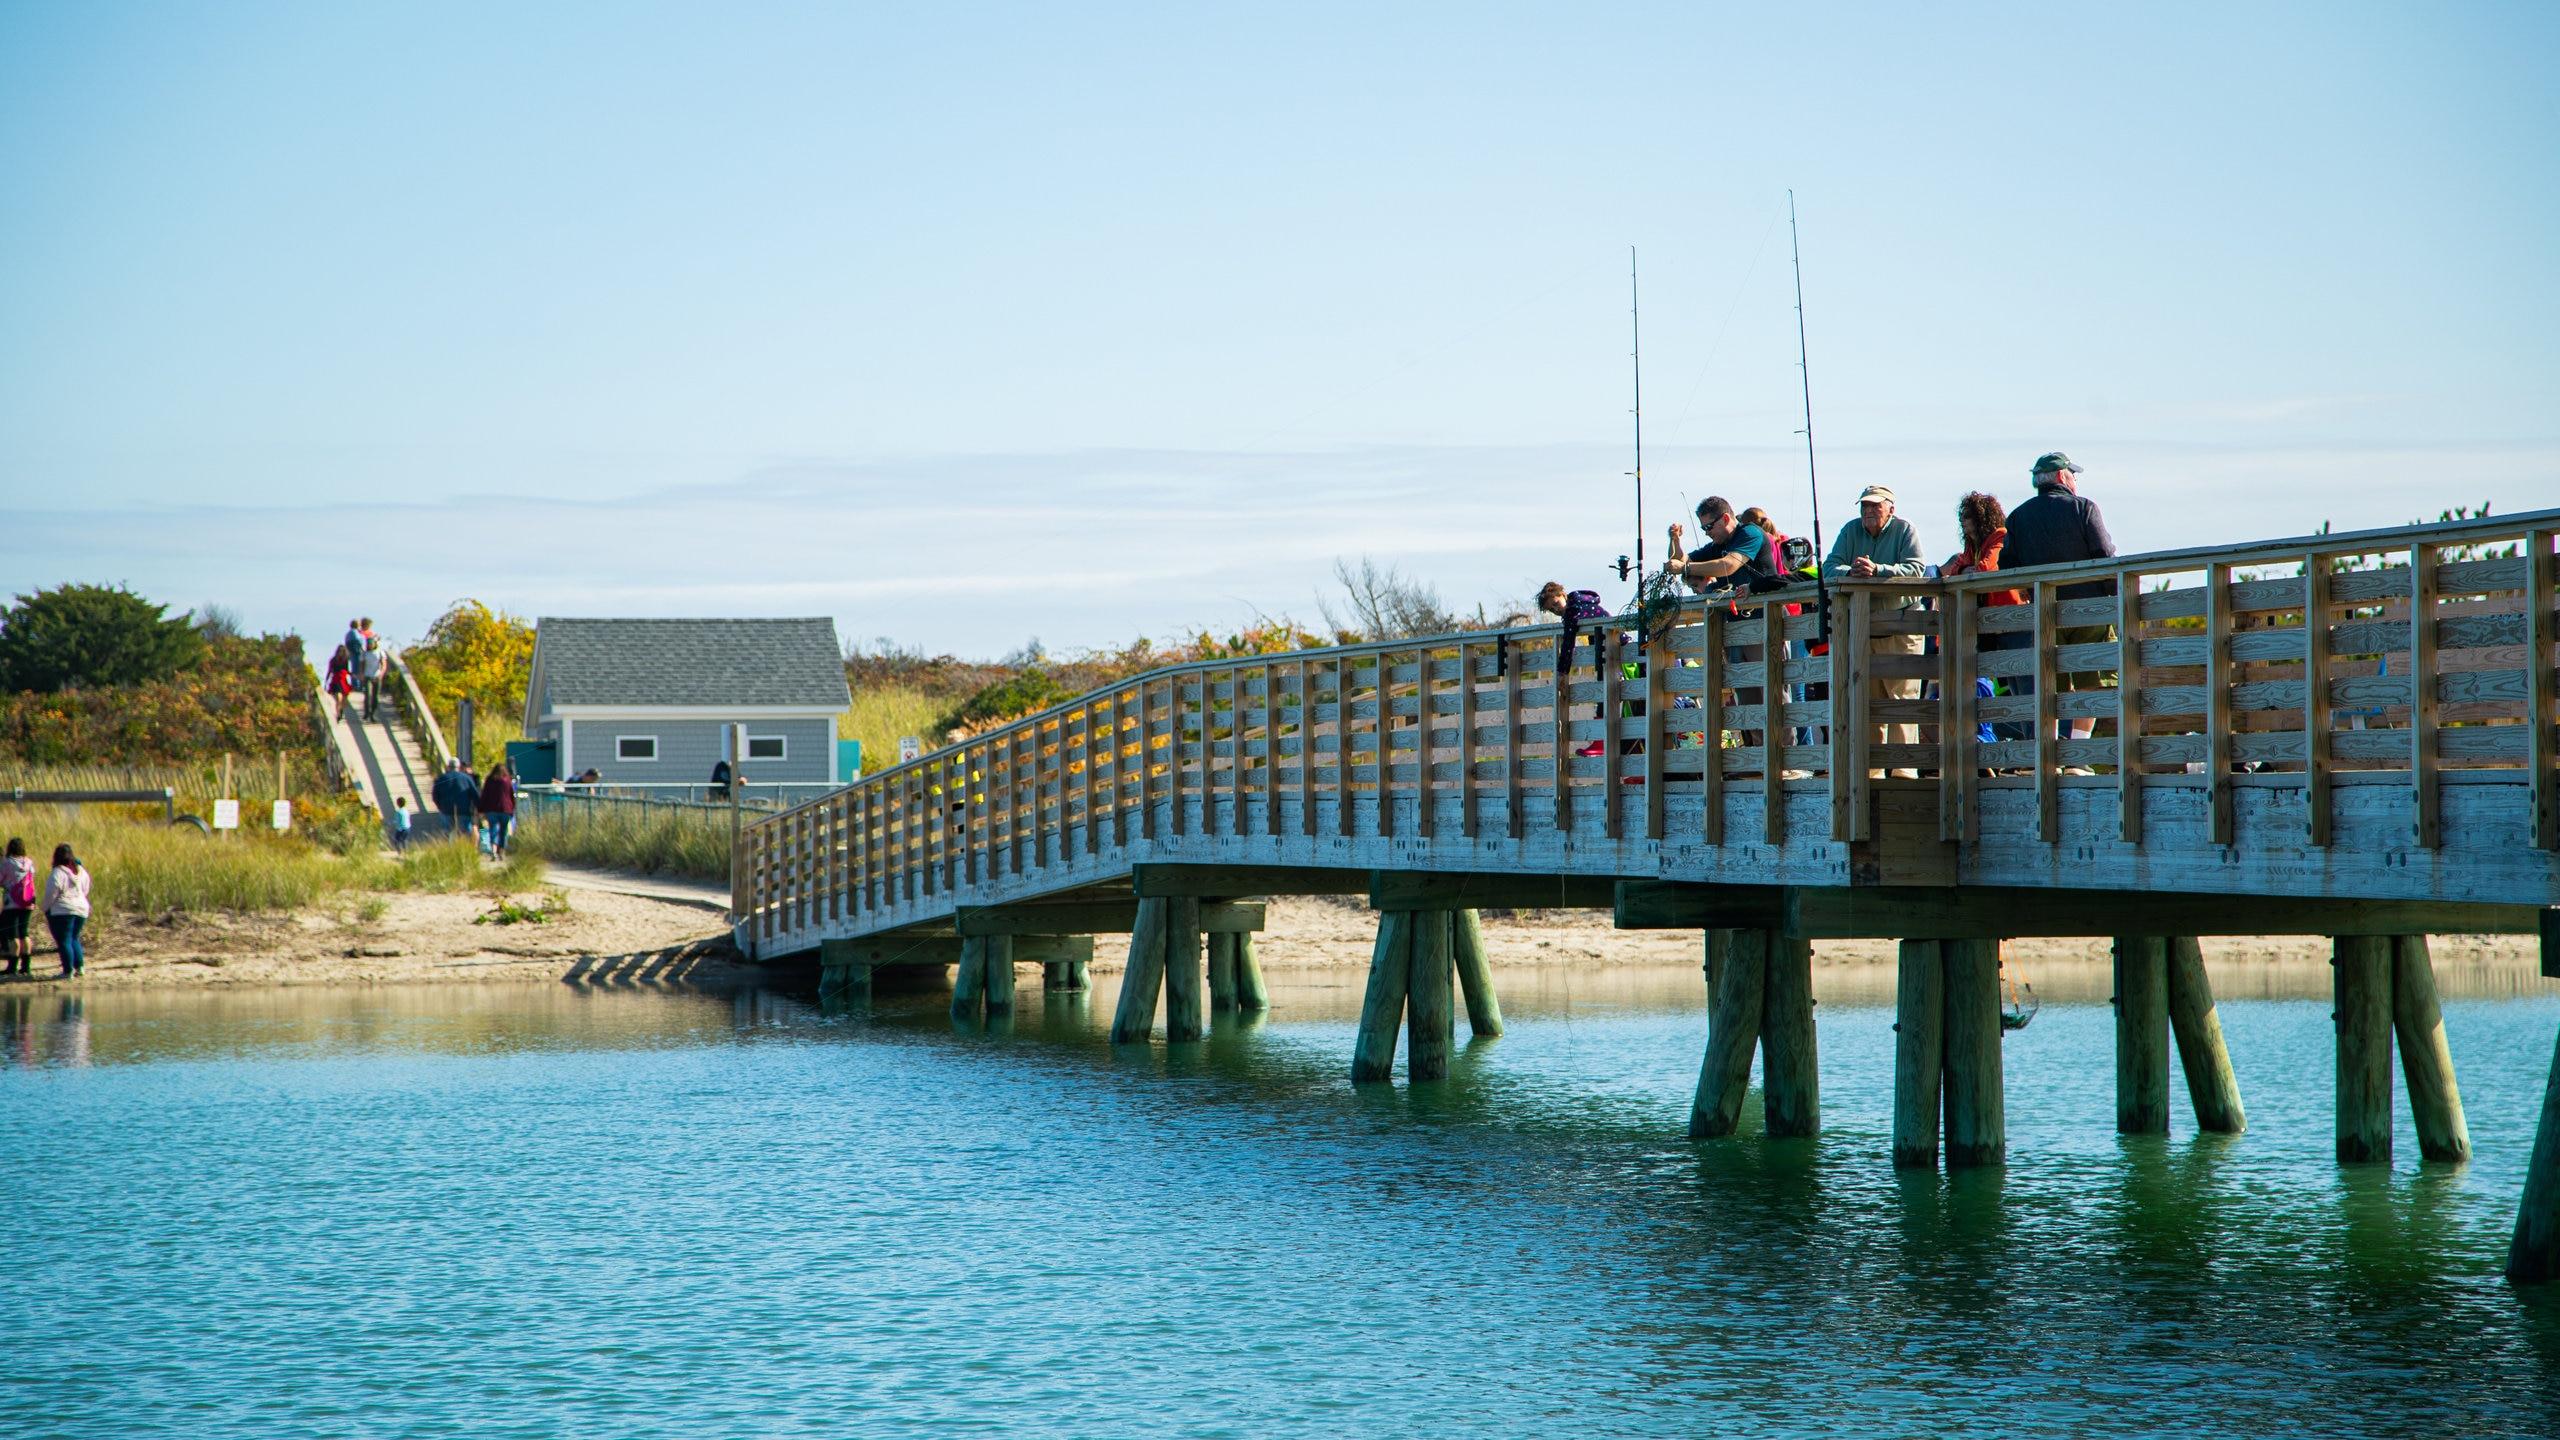 Footbridge Beach, Ogunquit, Maine, United States of America